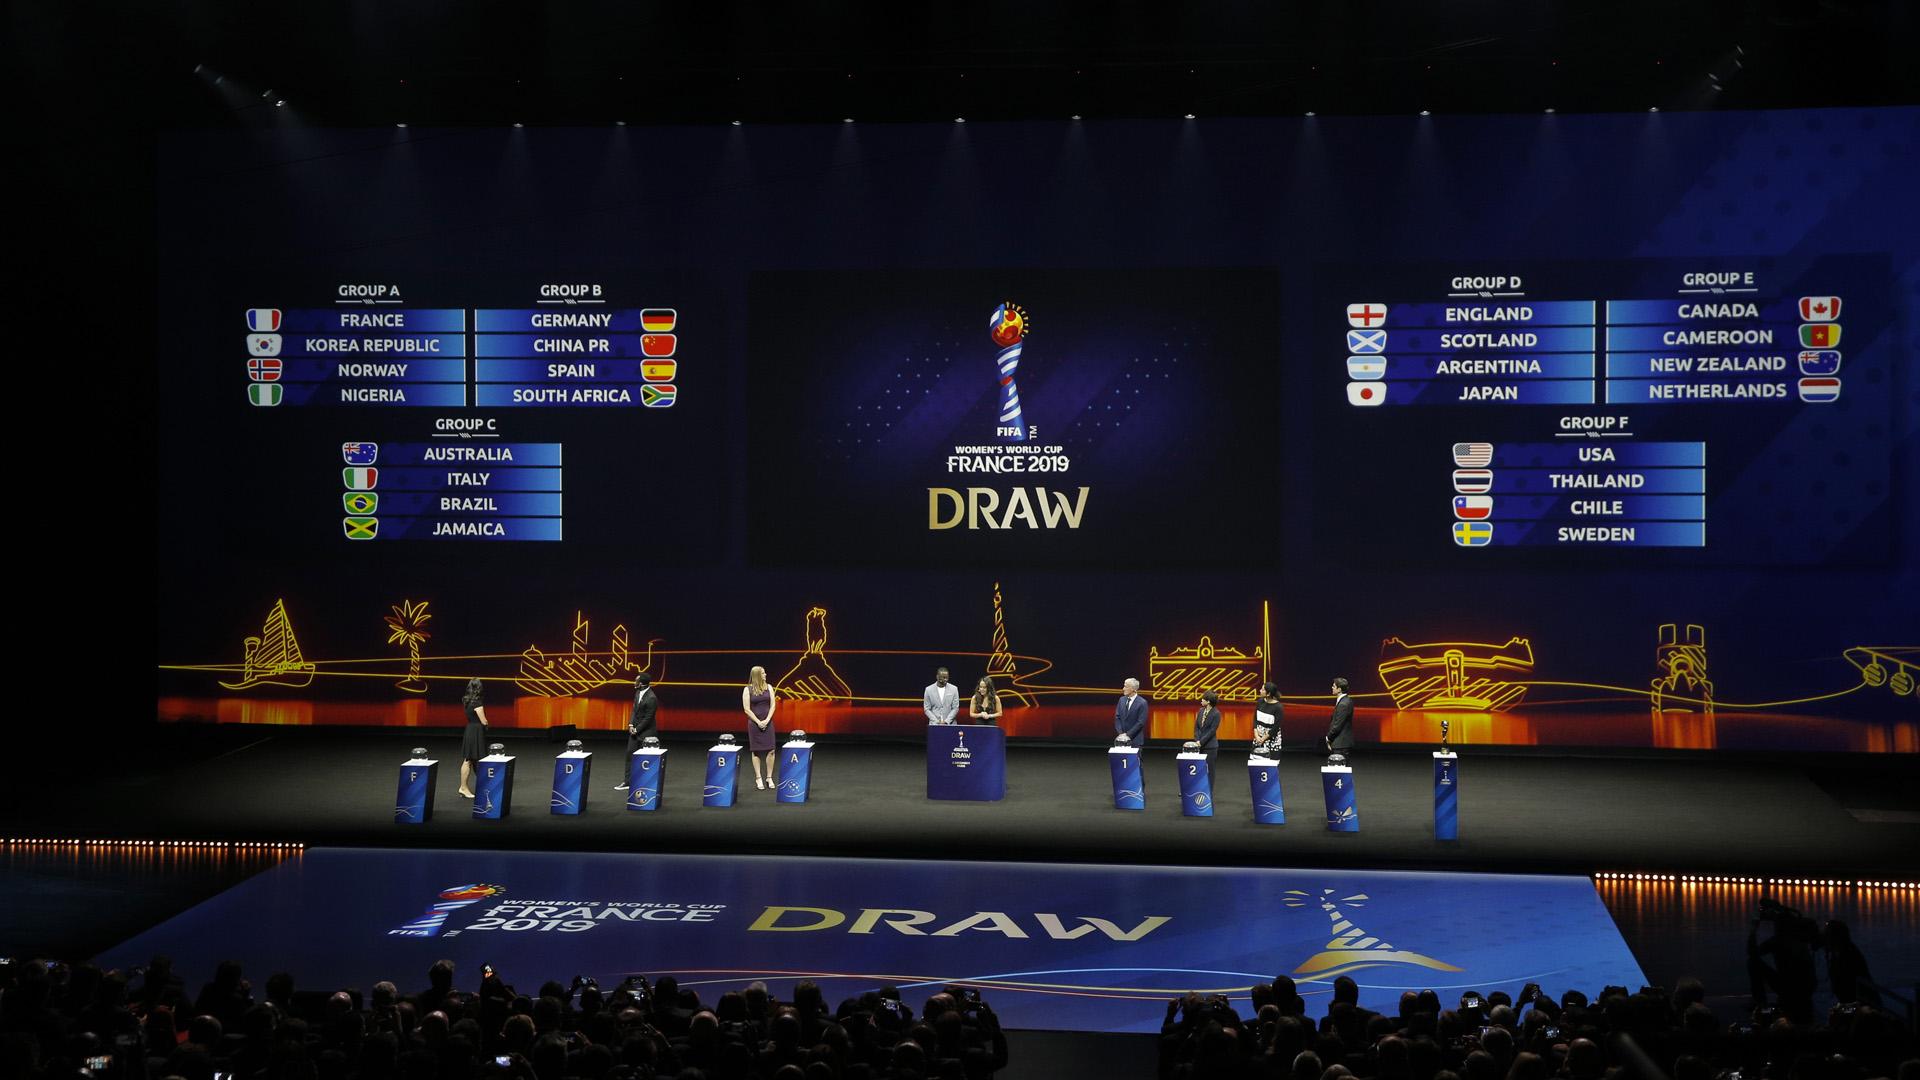 Informasi Lengkap Hasil Undian Grup & Jadwal Piala Dunia